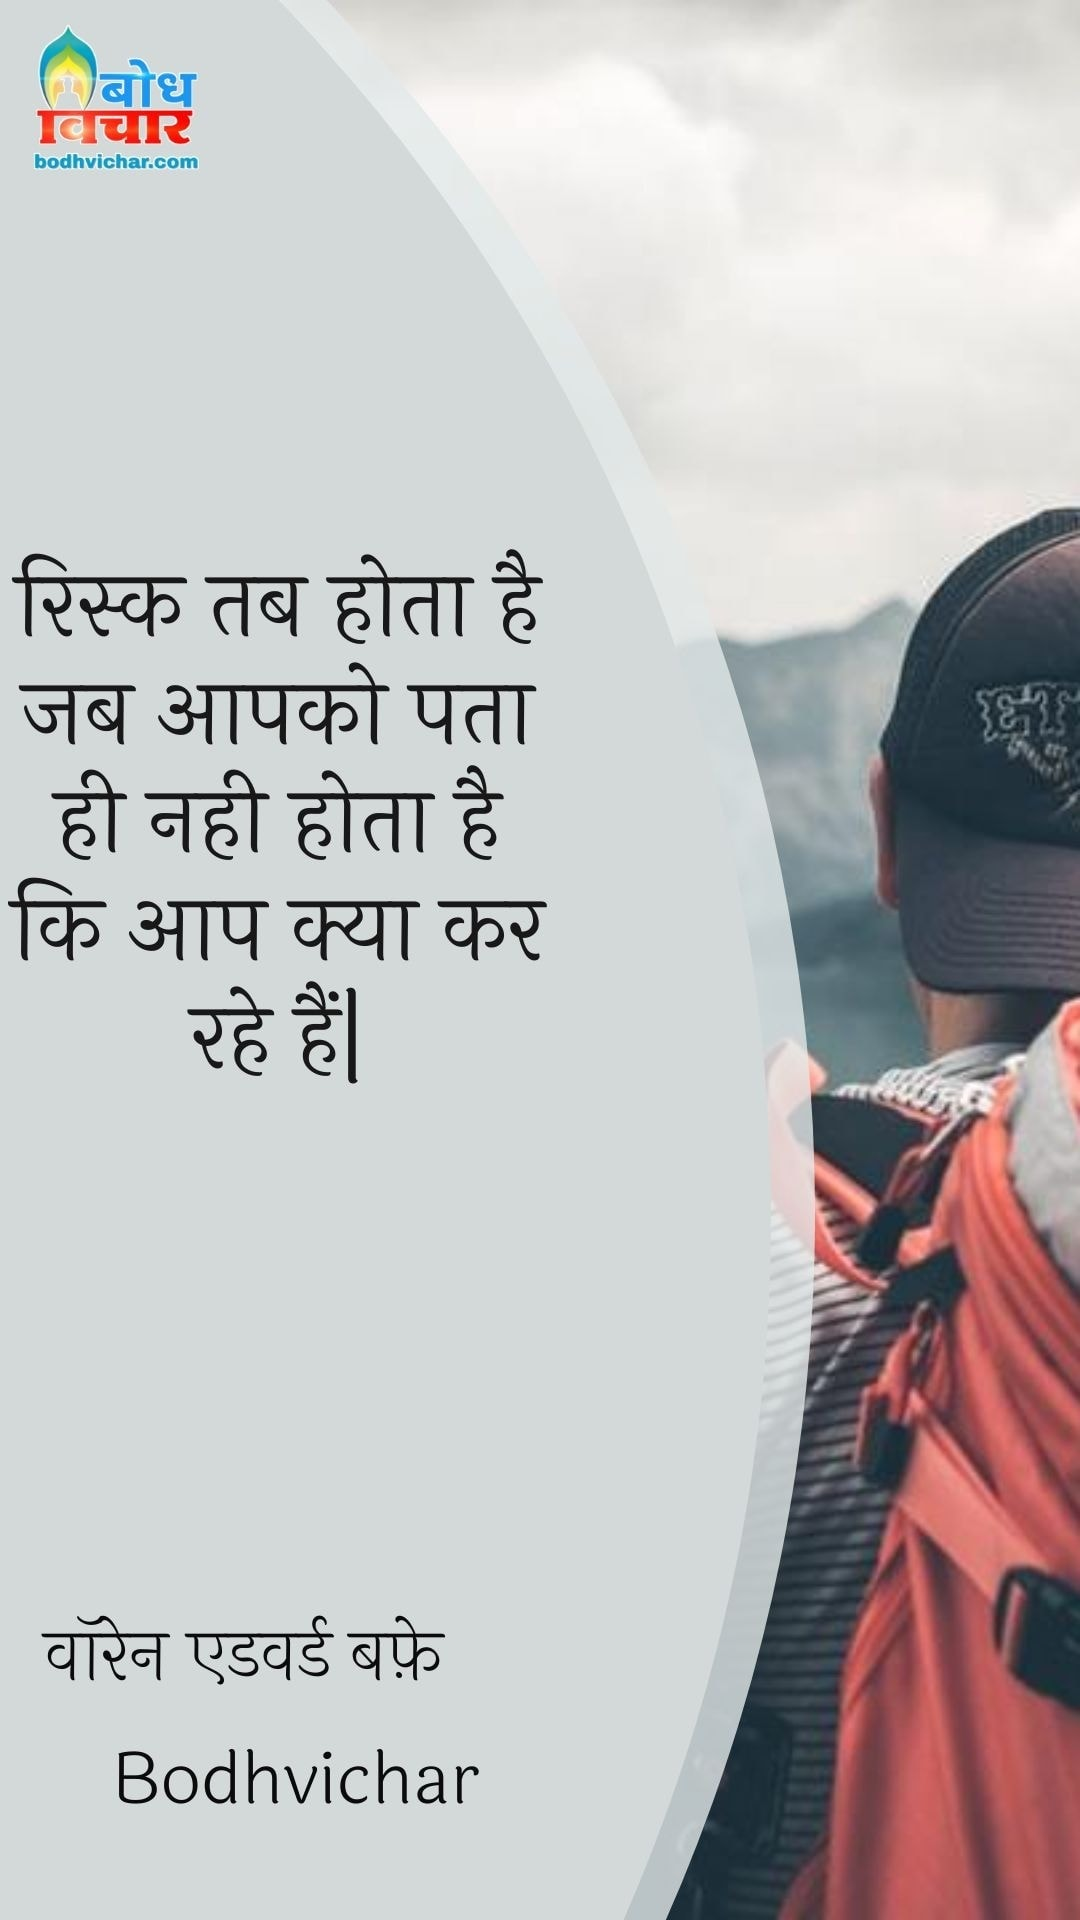 रिस्क तब होता है जब आपको पता ही नही होता है कि आप क्या कर रहे हैं| : Risk tab hota hai jab aapko pata nahi hota ki aap kya kar rahe hain. - वॉरेन एडवर्ड बफ़े